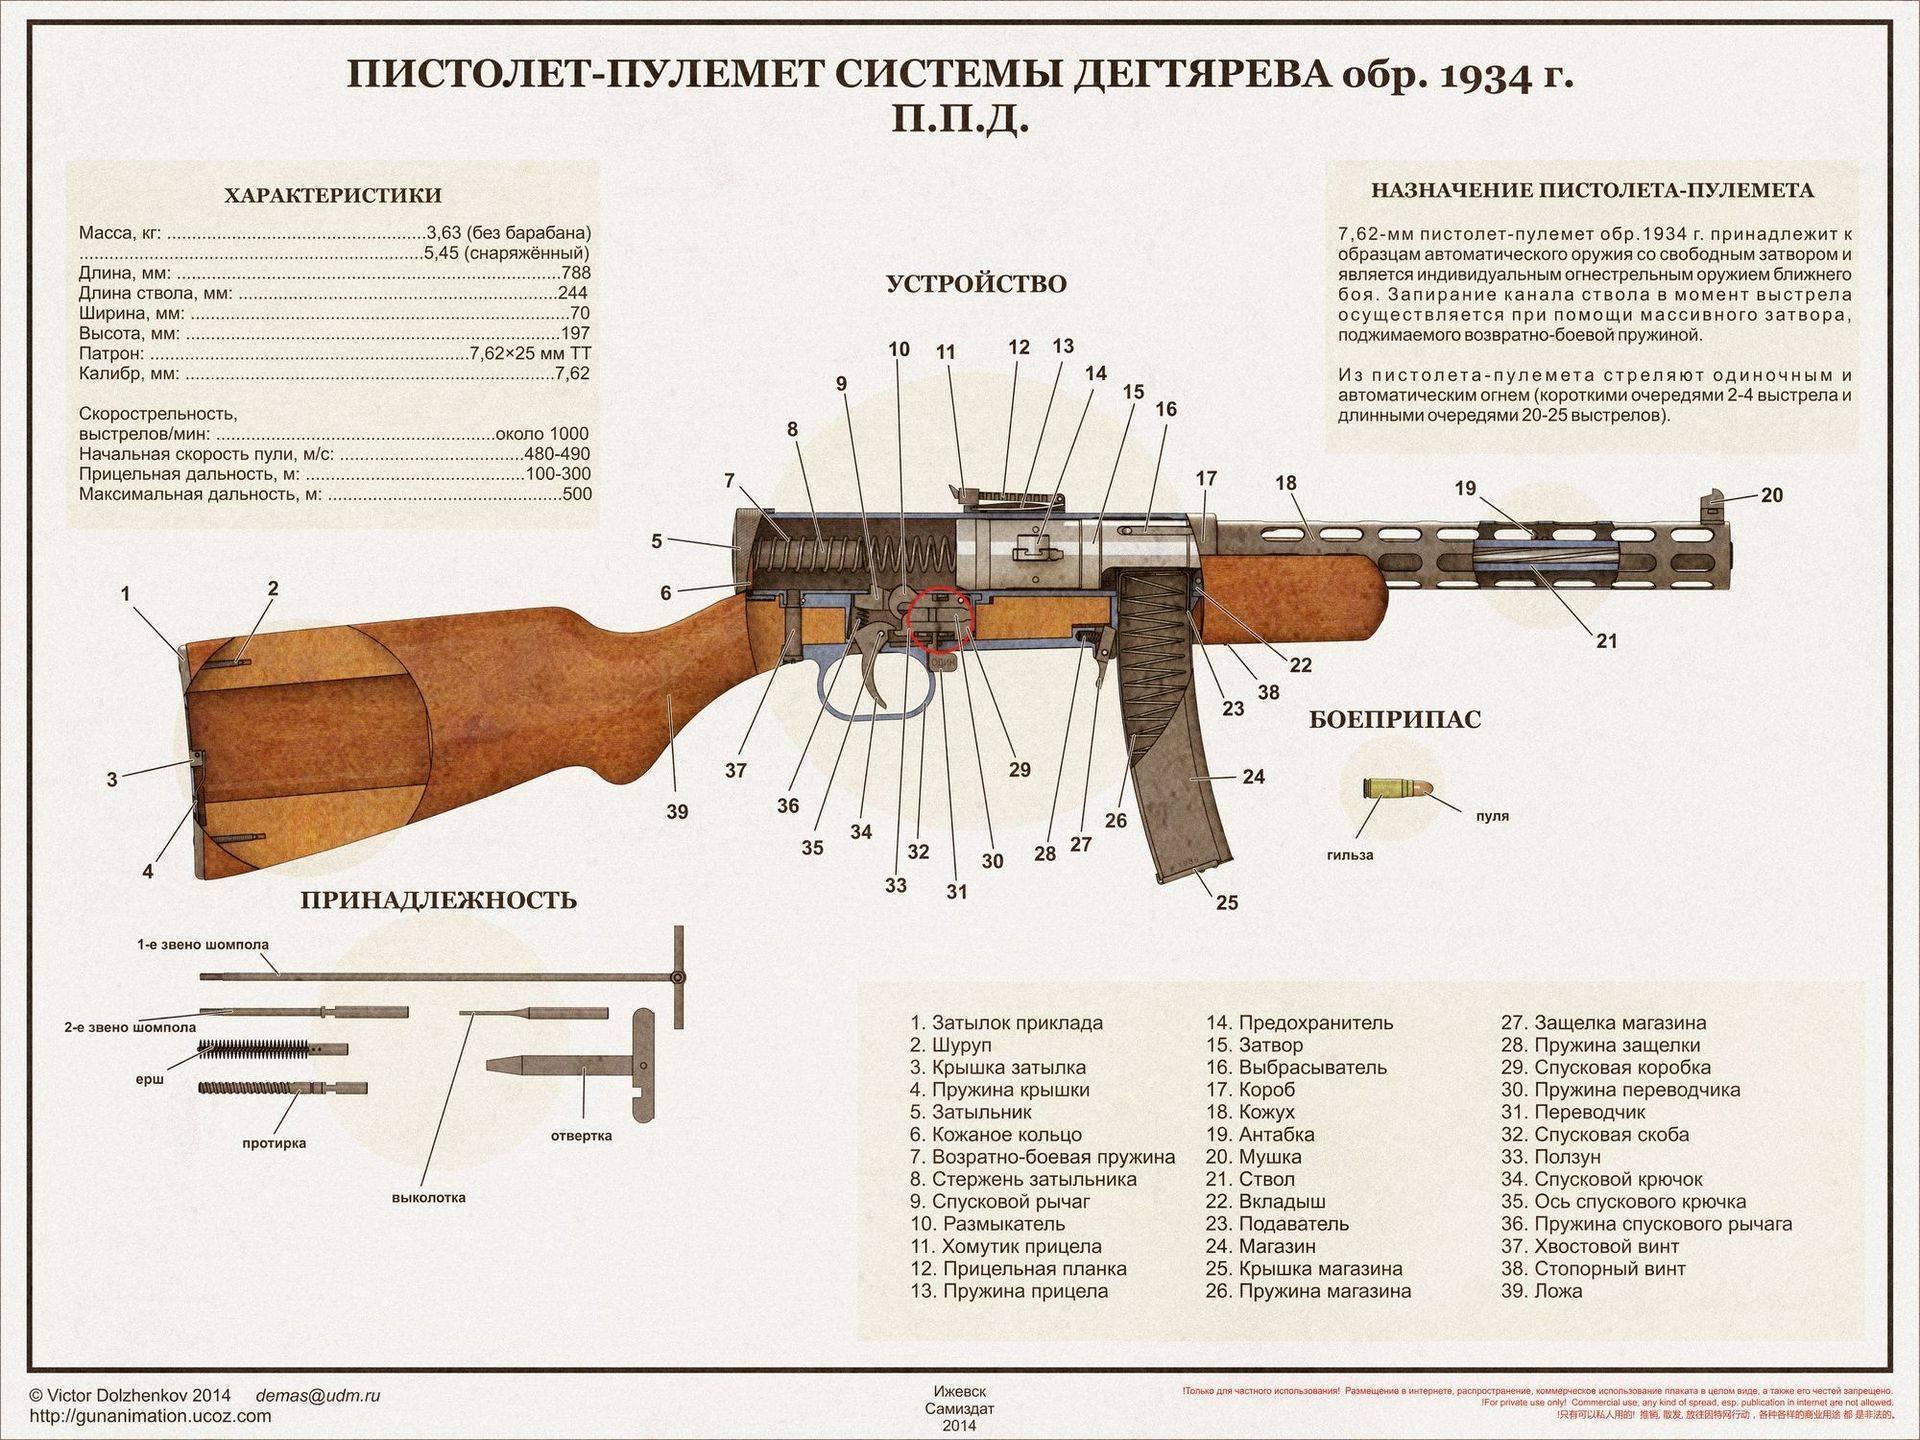 С очень далёкого завода... необычный пистолет-пулемёт ппд-40